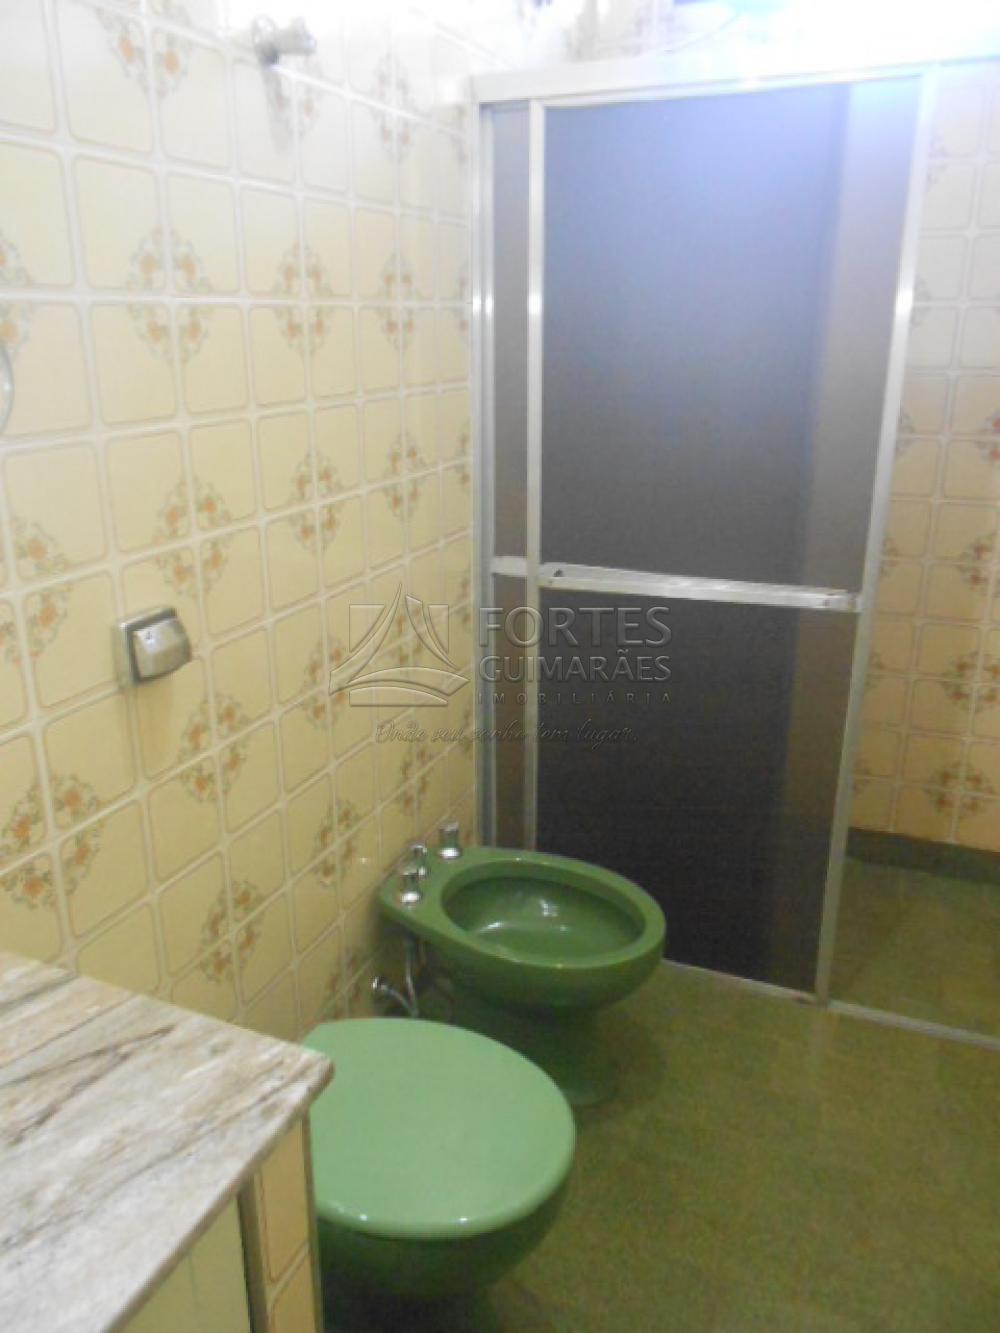 Alugar Casas / Padrão em Ribeirão Preto apenas R$ 2.500,00 - Foto 45